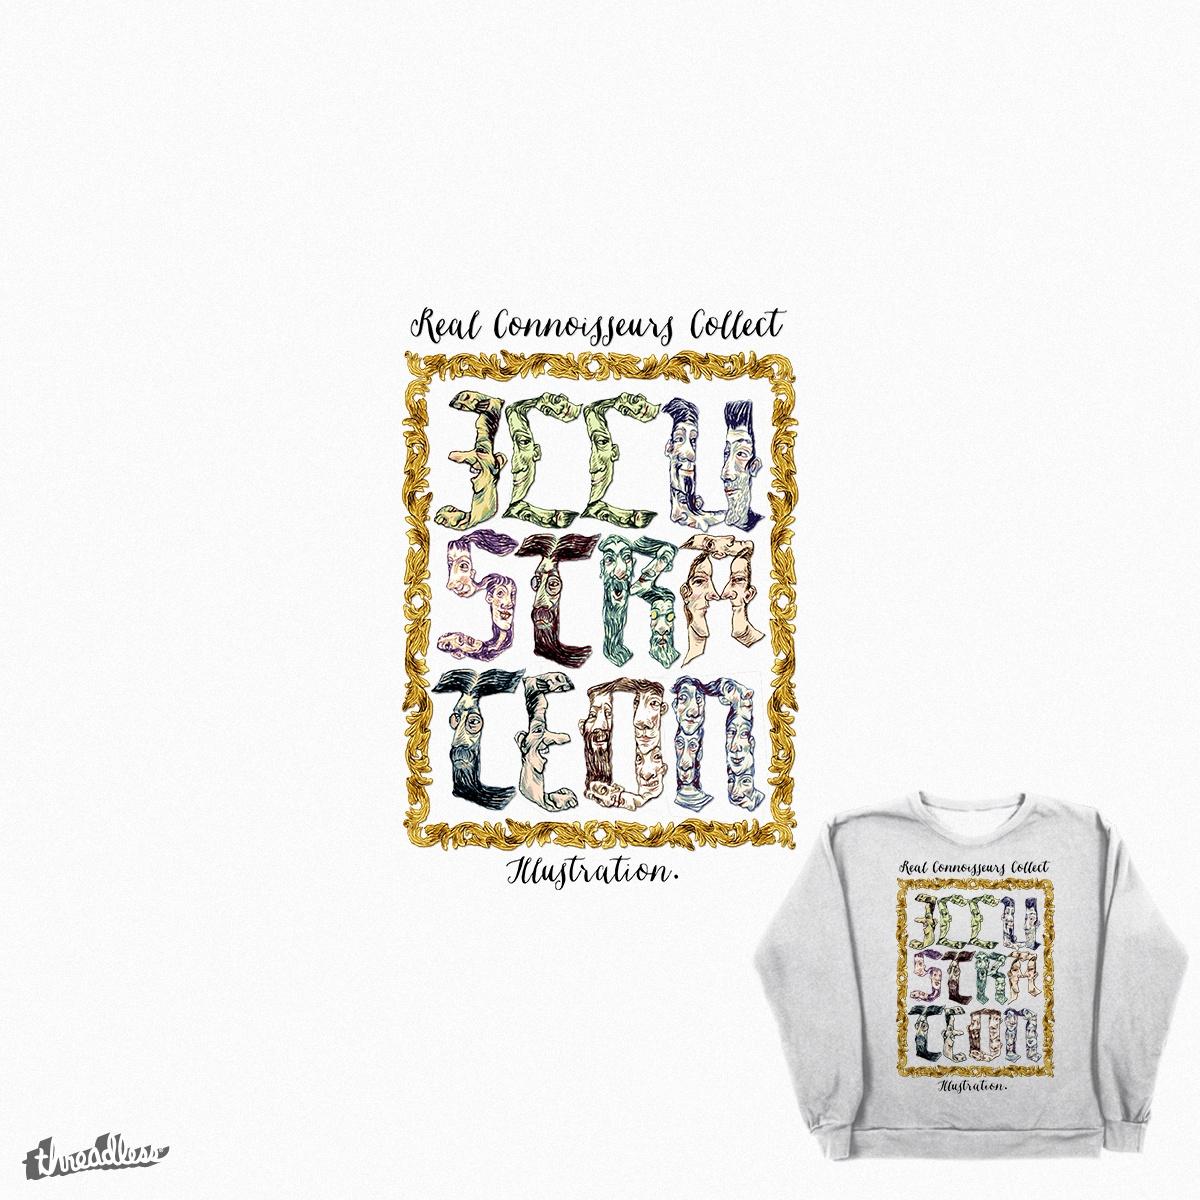 Real Connoisseurs Collect Illustration by ilene.winnlederer on Threadless